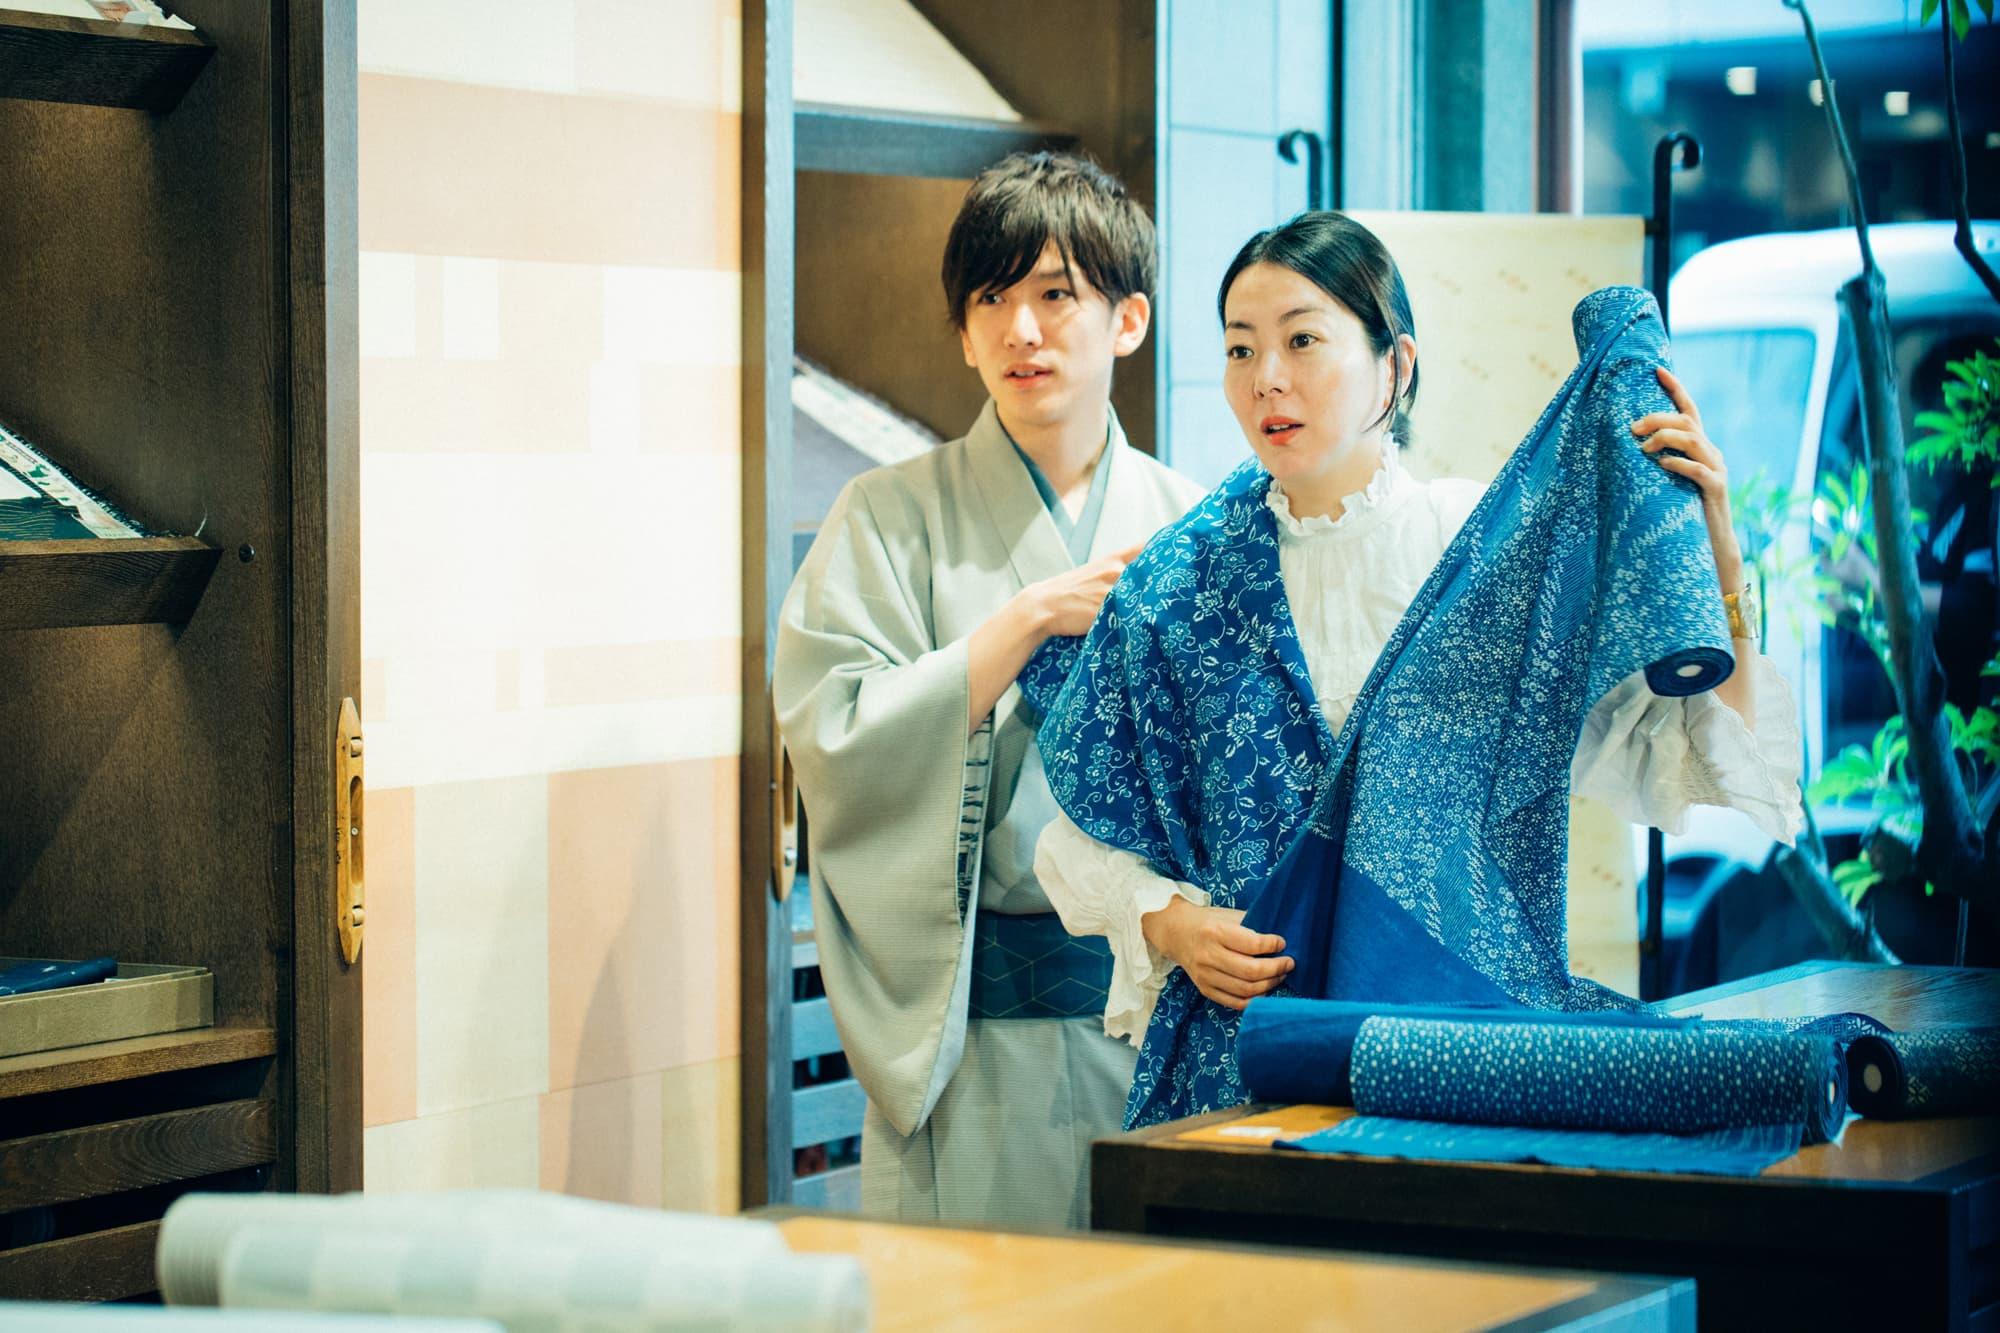 二代目の泉二啓太さんと、この夏着たい浴衣を選ぶ野村さん。